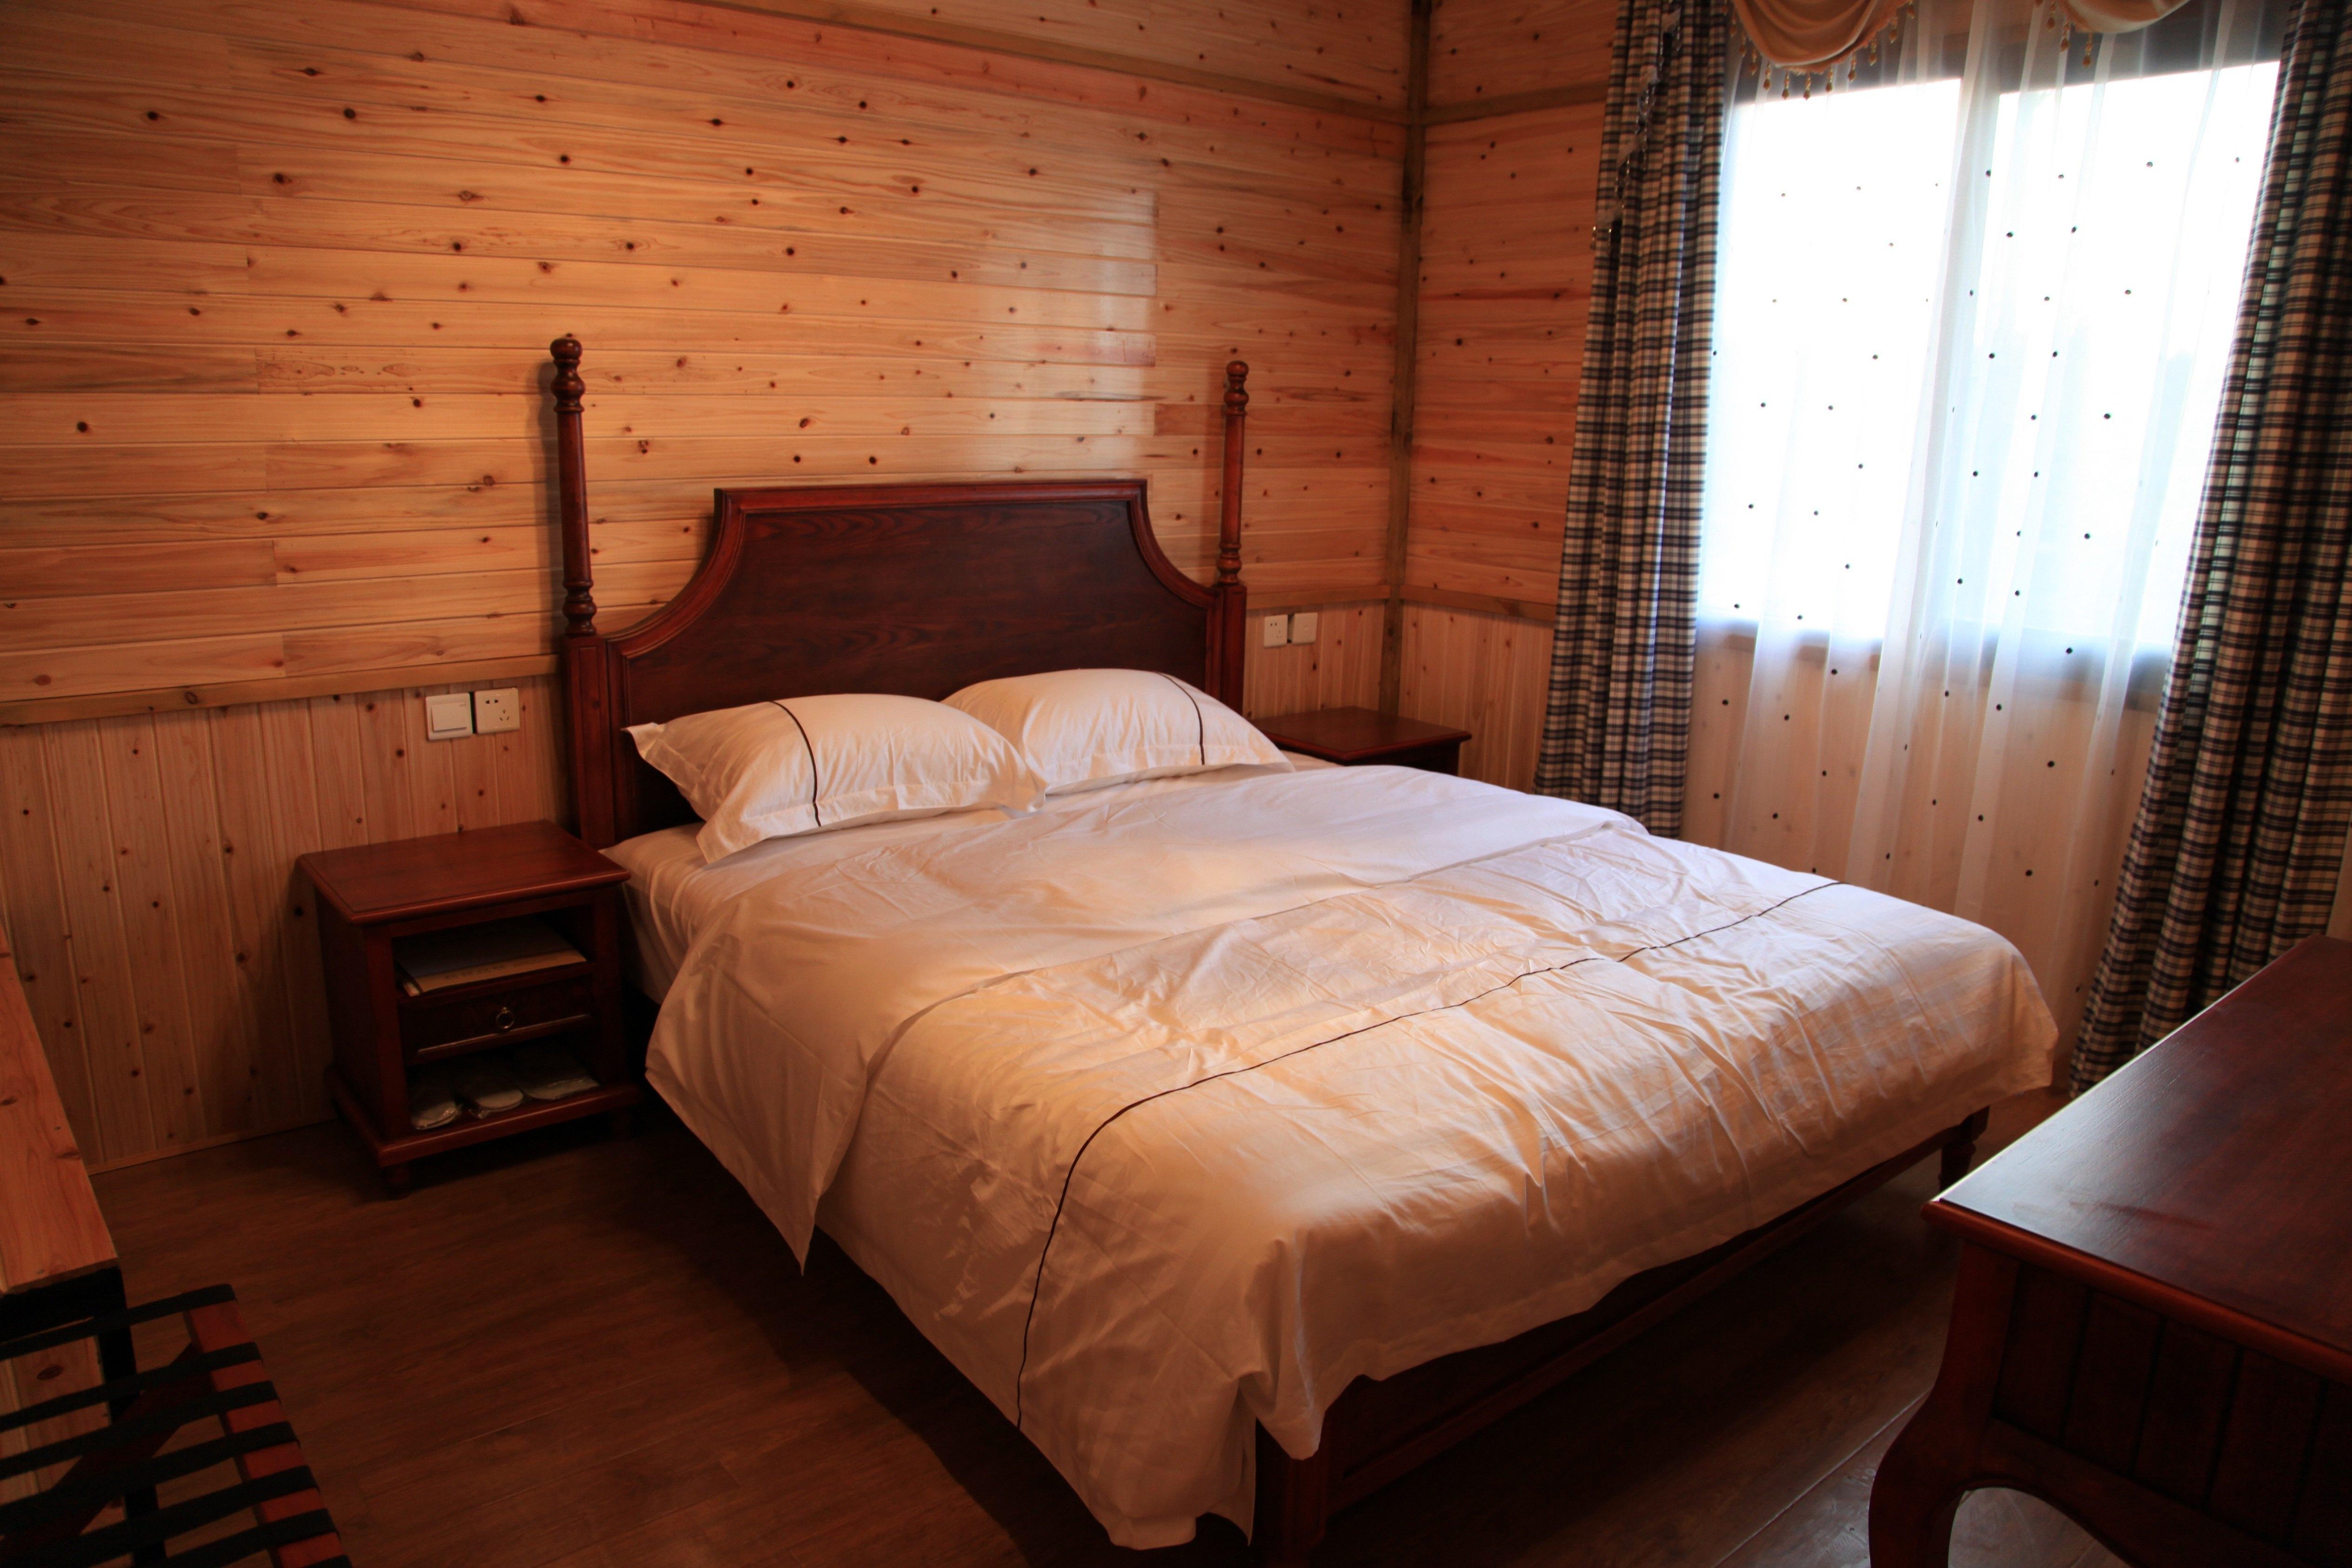 木工生态板做床步骤图